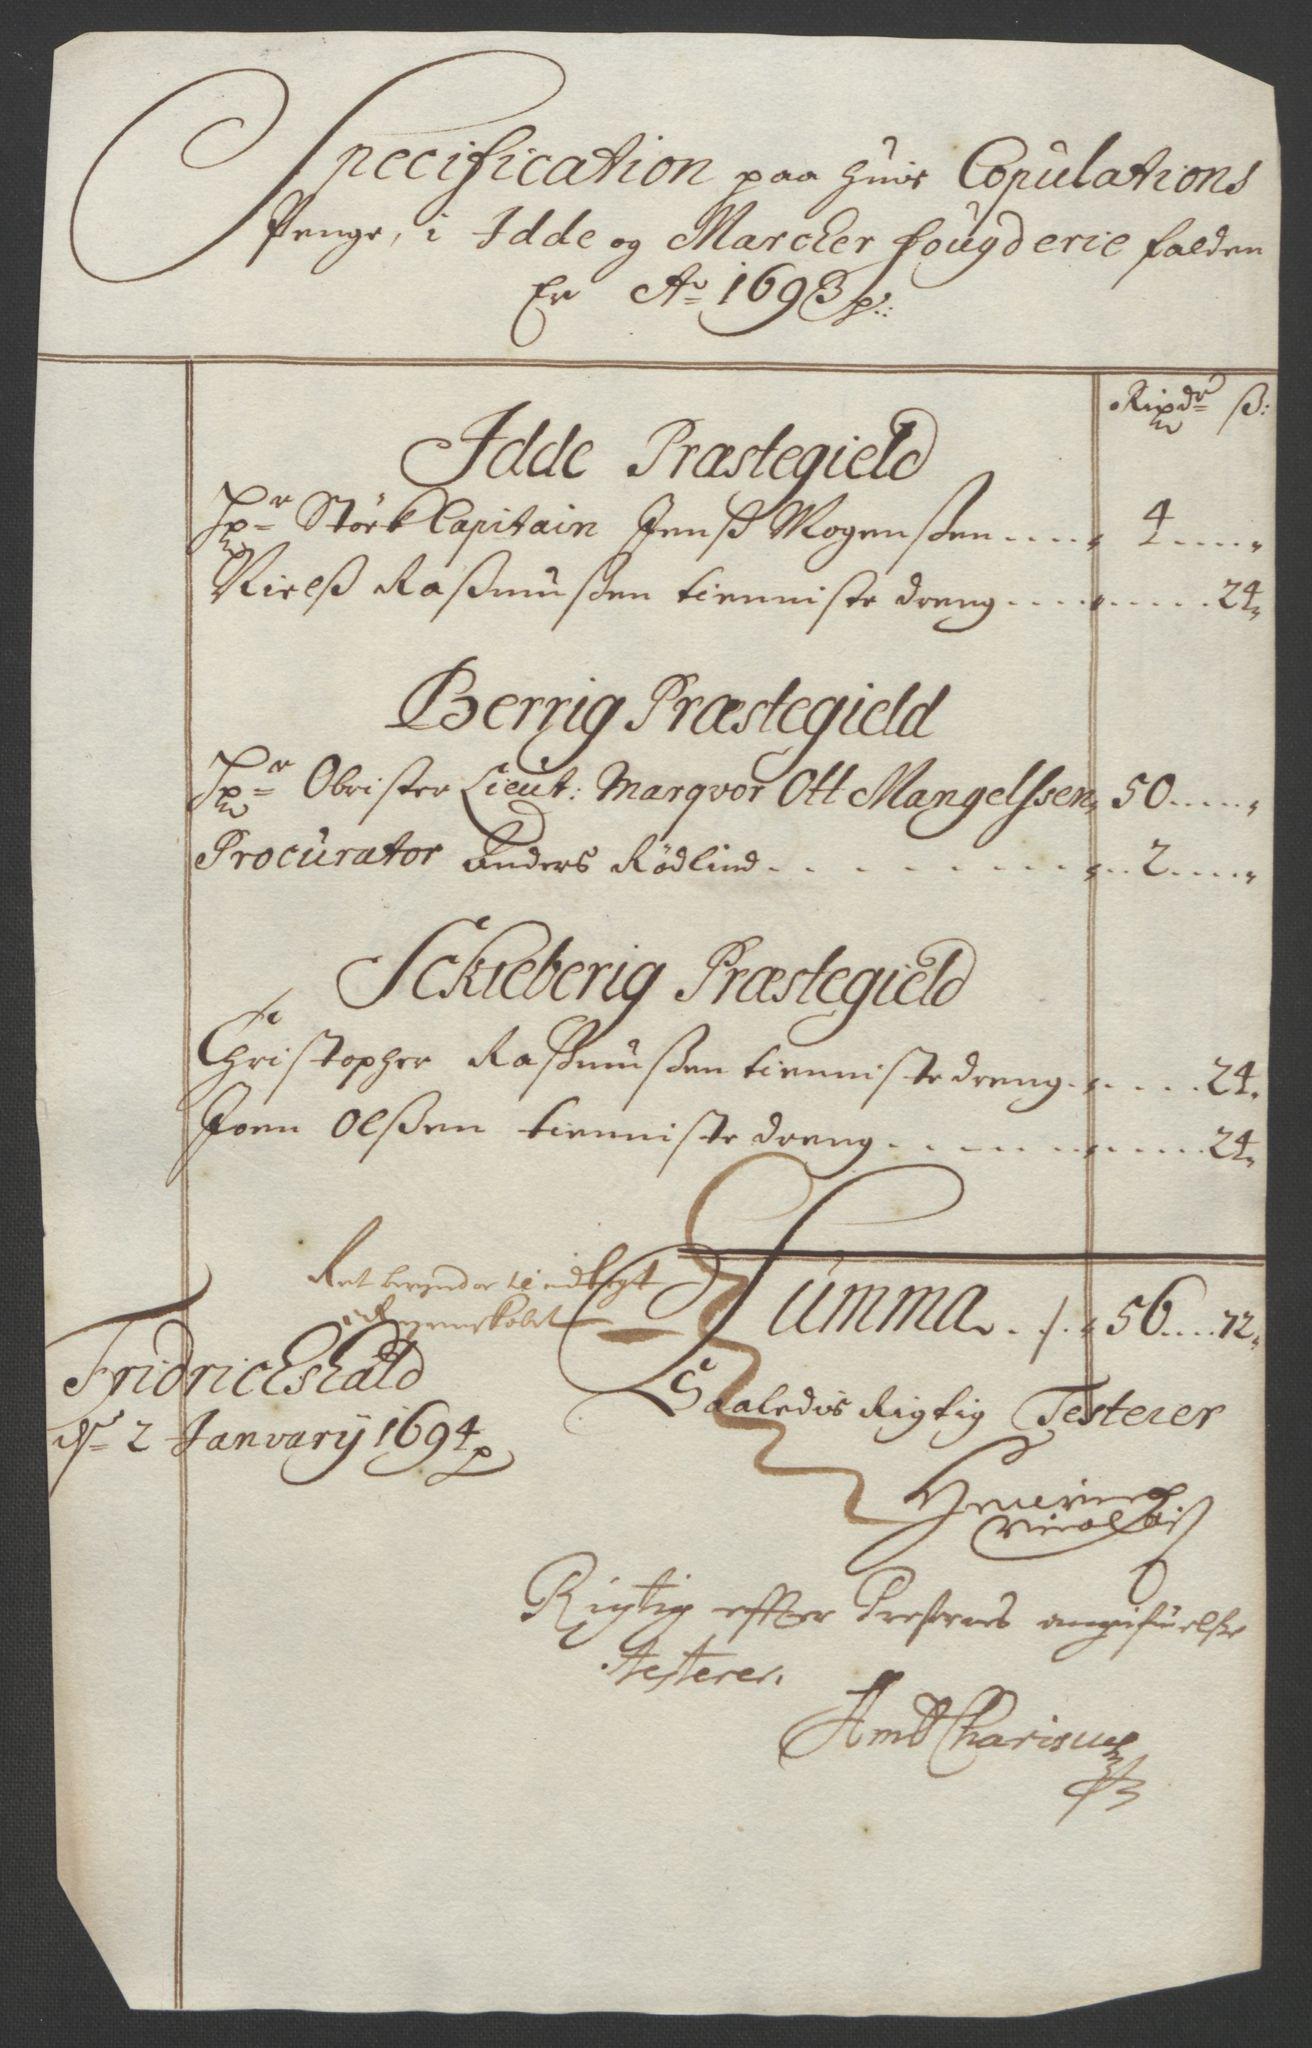 RA, Rentekammeret inntil 1814, Reviderte regnskaper, Fogderegnskap, R01/L0011: Fogderegnskap Idd og Marker, 1692-1693, s. 308